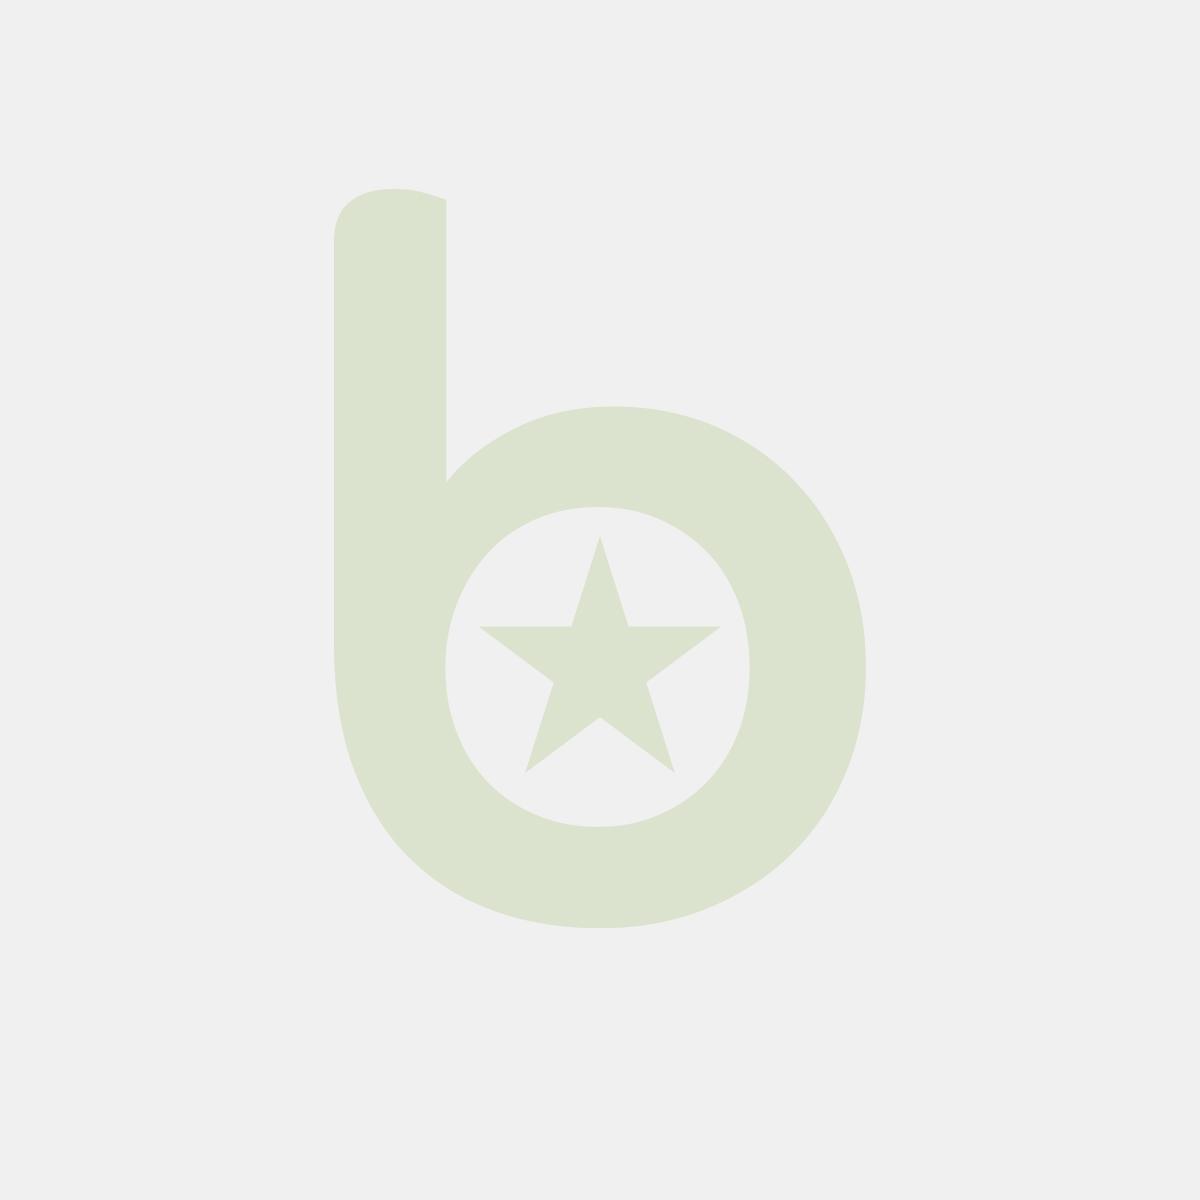 Świece pieńkowe 15cm, kremowe średnica 70mm (100% stearyny)